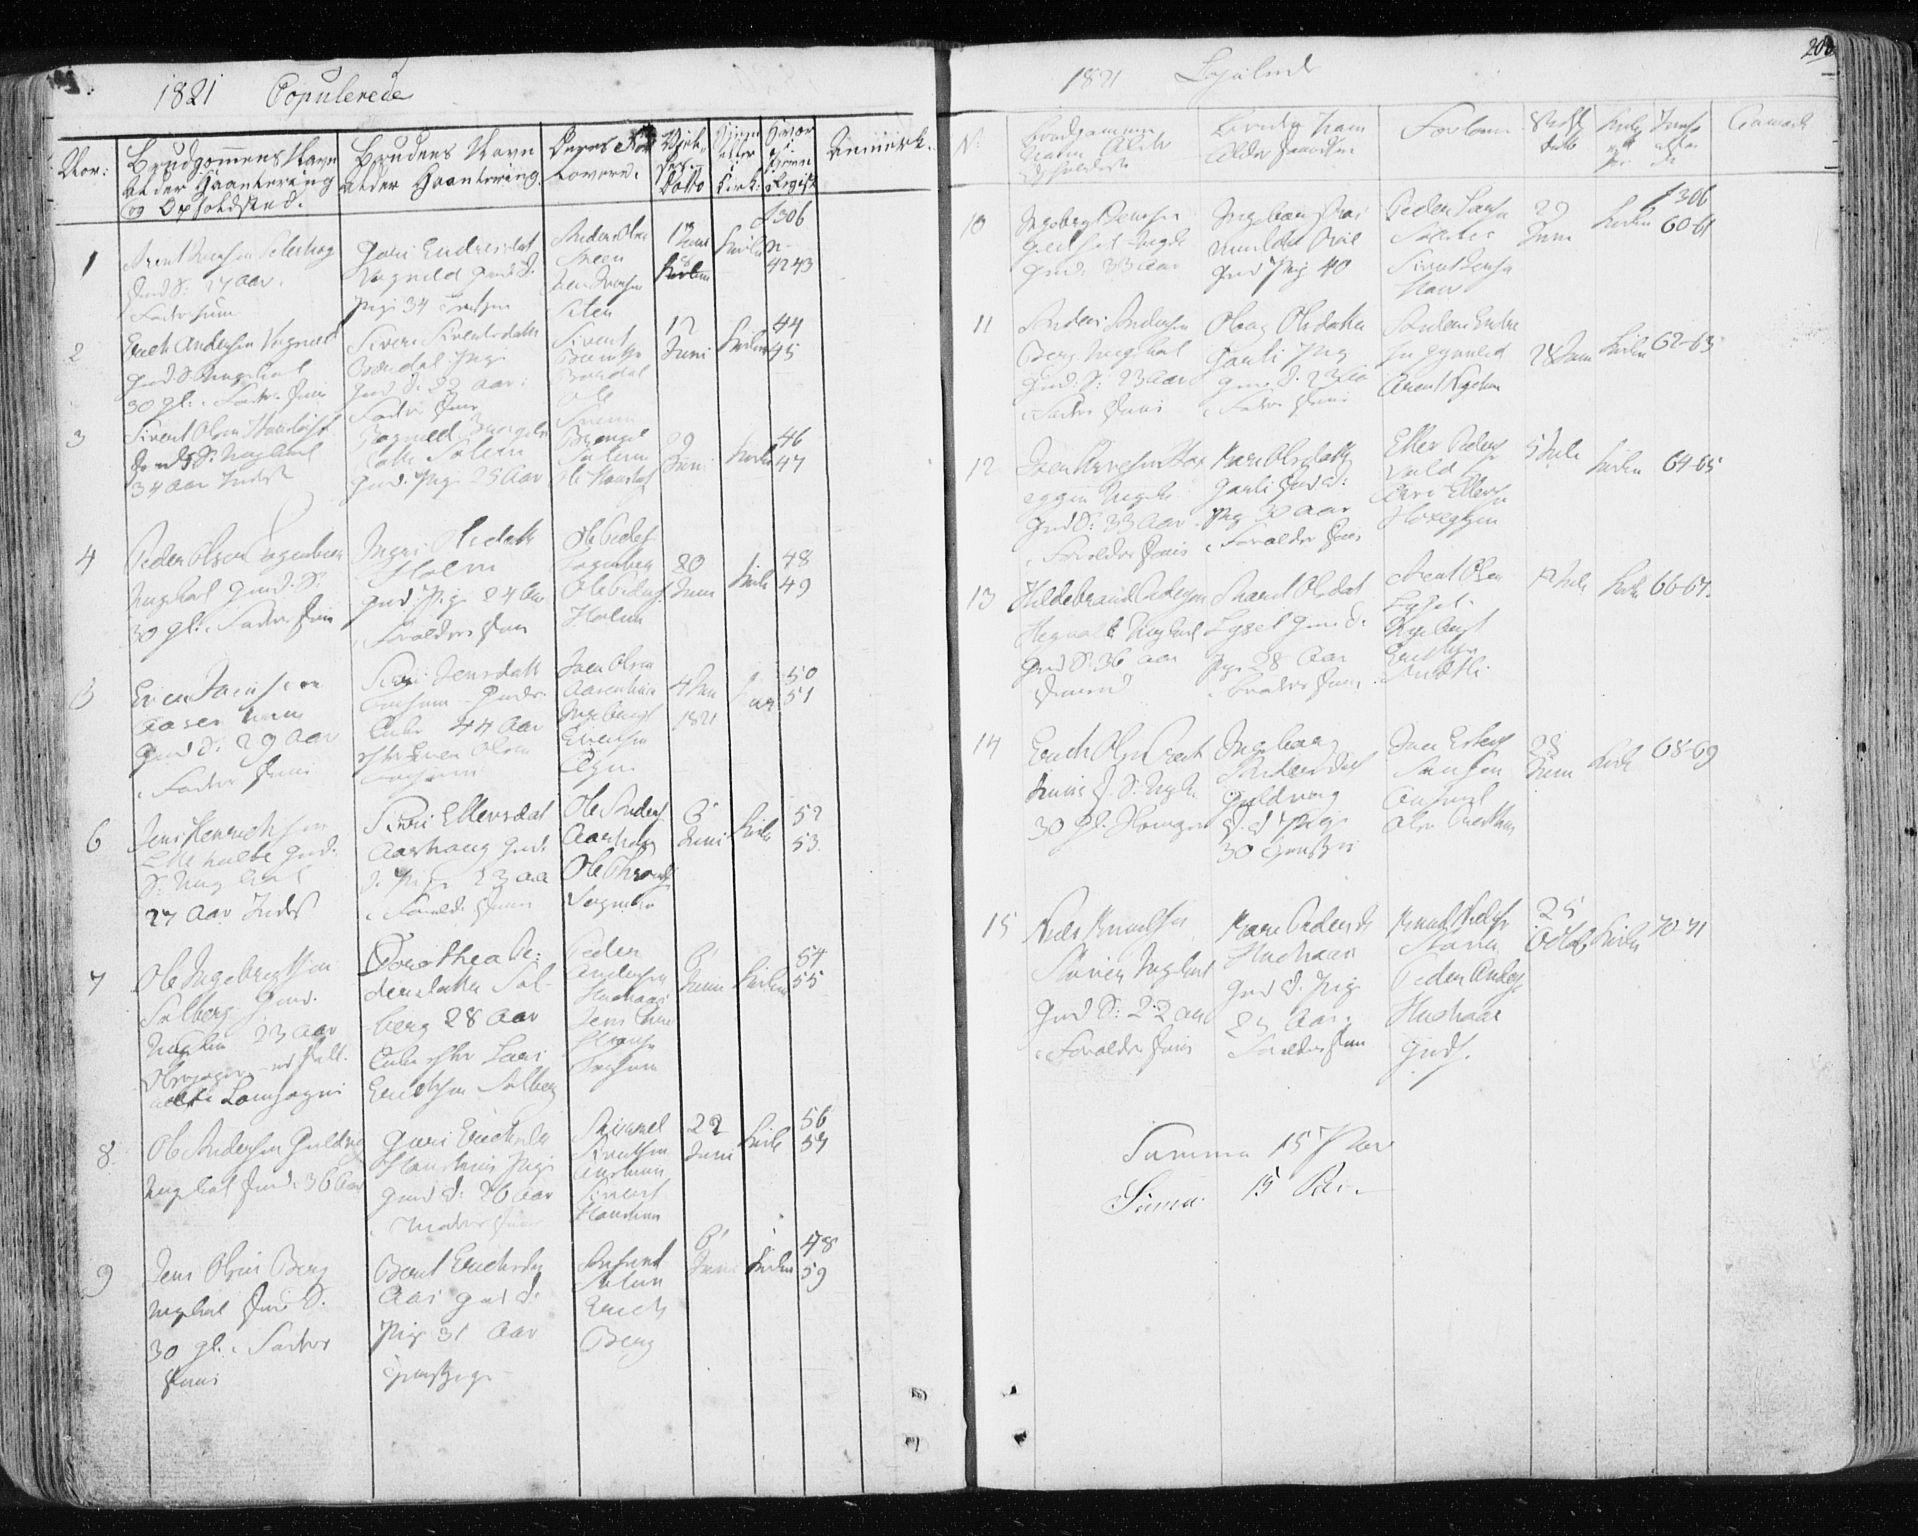 SAT, Ministerialprotokoller, klokkerbøker og fødselsregistre - Sør-Trøndelag, 689/L1043: Klokkerbok nr. 689C02, 1816-1892, s. 203